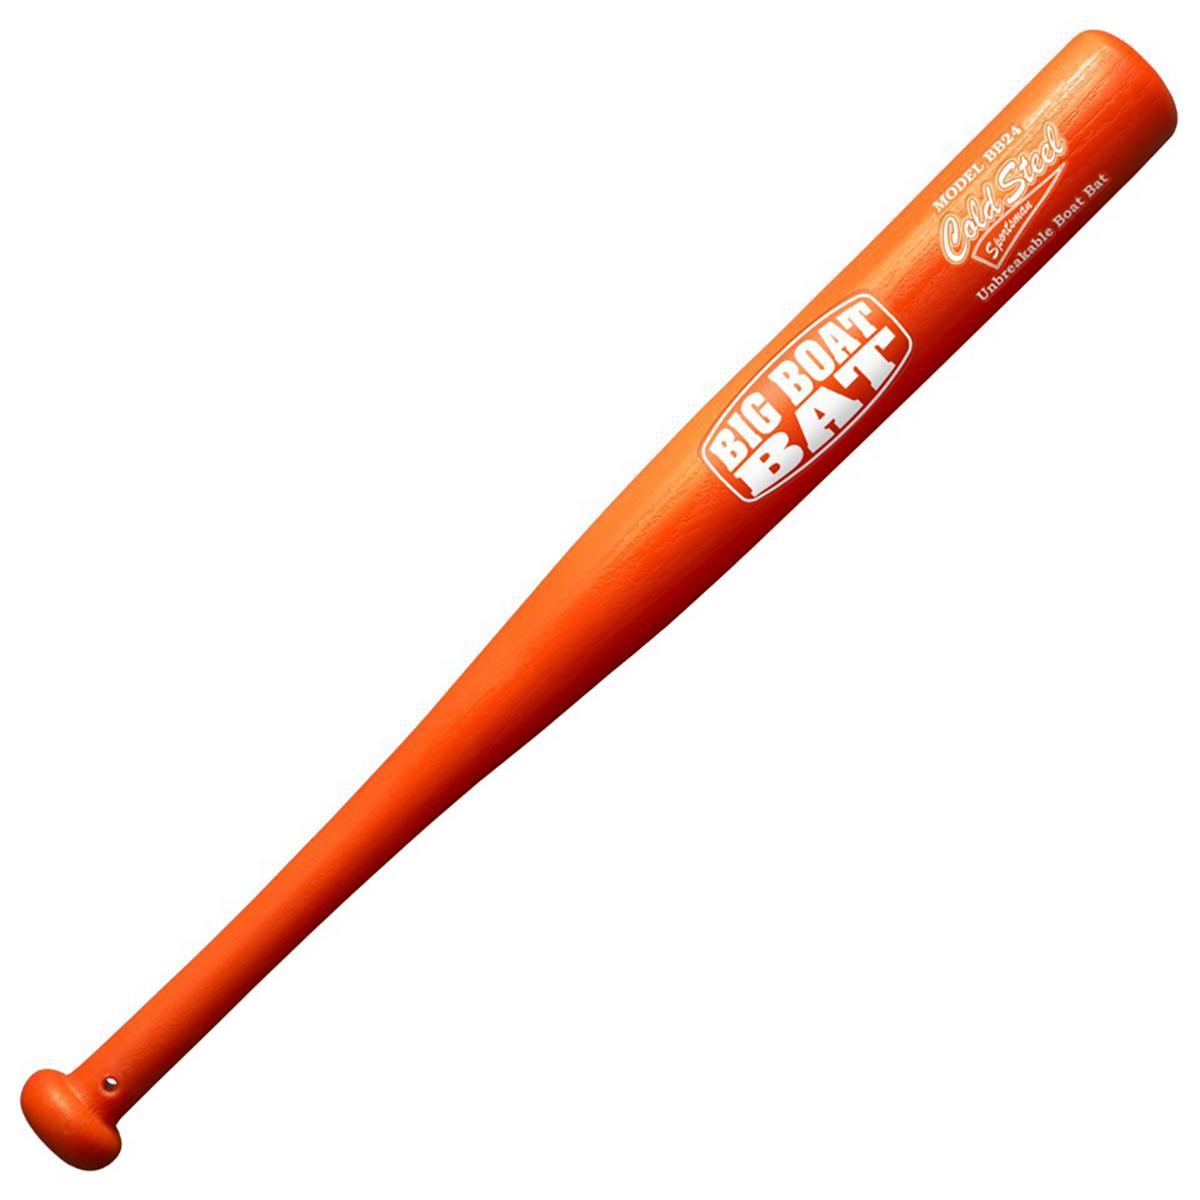 Бита бейсбольная Cold Steel Boat Bat, 60,9 см120330_yellow/blackБейсбольная бита Cold Steel Boat Bat определенно вам понадобится, если вы собрались приобщиться к такой увлекательной игре, как бейсбол. Бита изготовлена из ударопрочного полипропилена путем точного литья подавлением, она не дает трещин, не коробится и не расслаивается, как это обеспечивает надежный, безопасный, нескользящий хват даже если у вас холодные, мокрые или грязные руки.Сегодня профессиональный бейсбол привлекает на стадионы миллионы зрителей и развлекает миллионы людей, которые слушают или смотрят трансляции по радио и телевидению.Длина: 60,9 см.